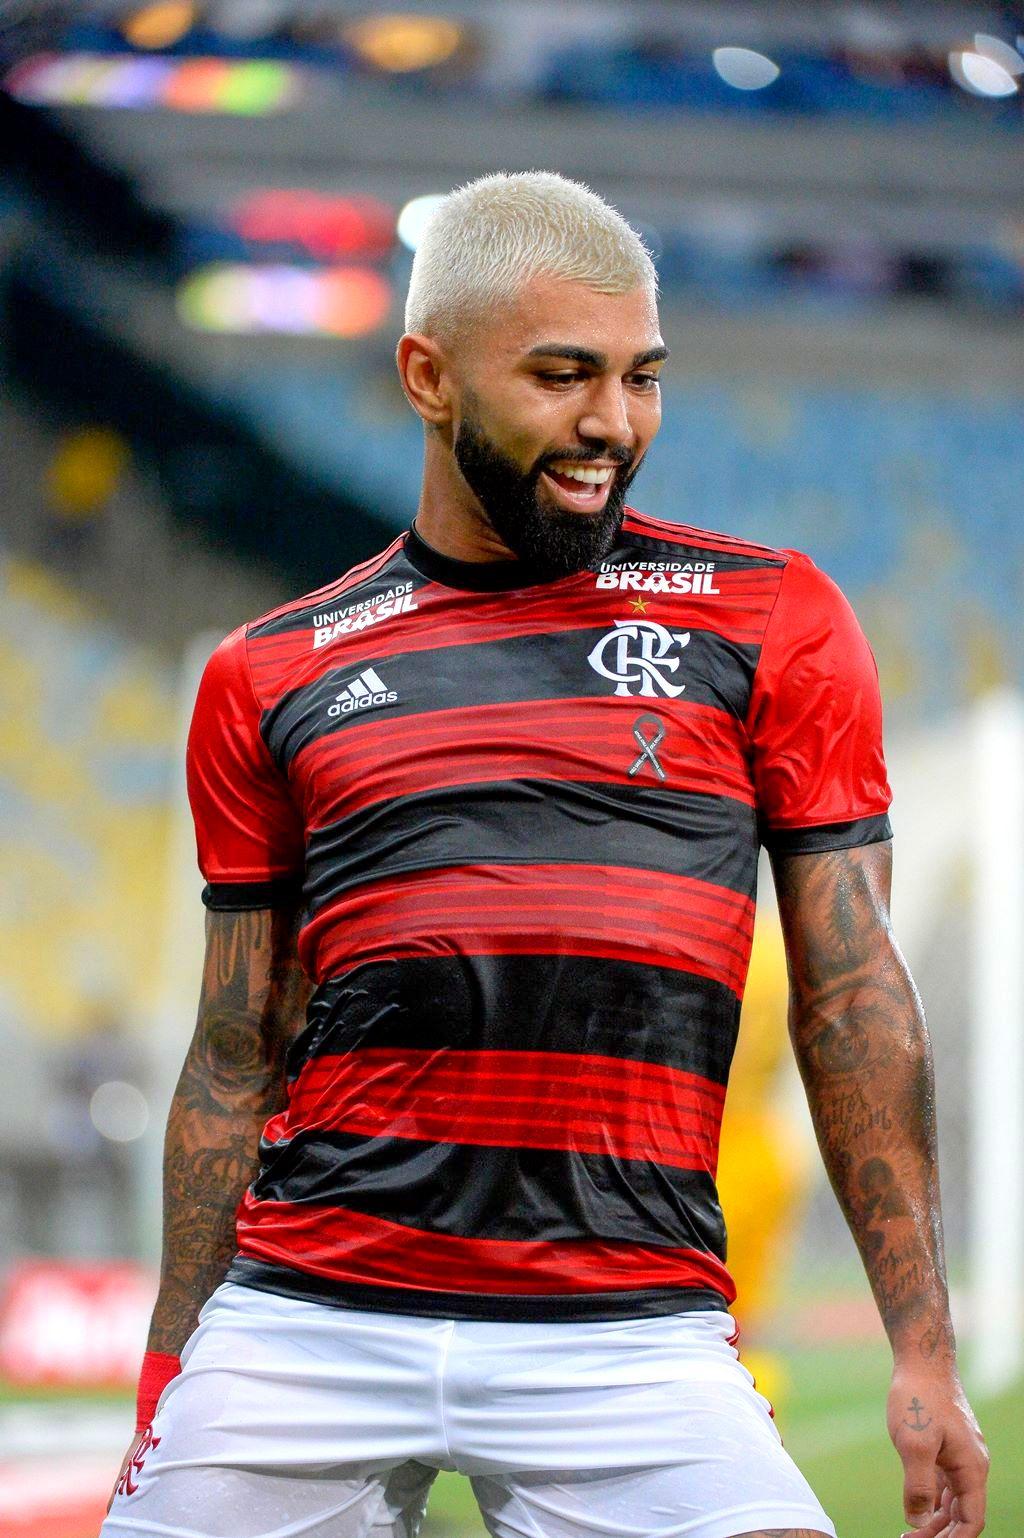 Artilheiro Do Flamengo Gabigol Está Perto Dos 100 Gols Na